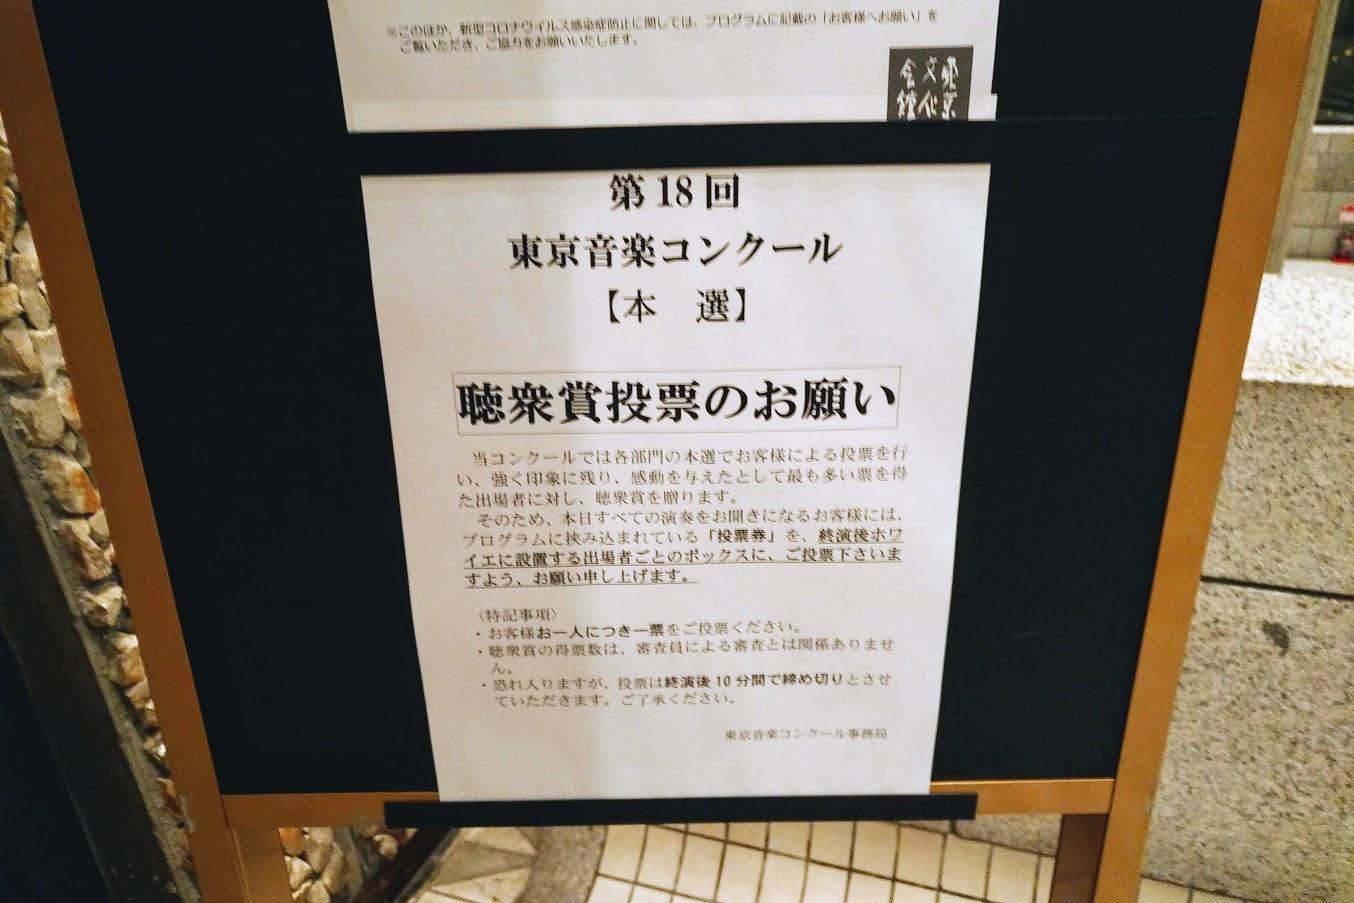 音楽コンクール聴衆賞